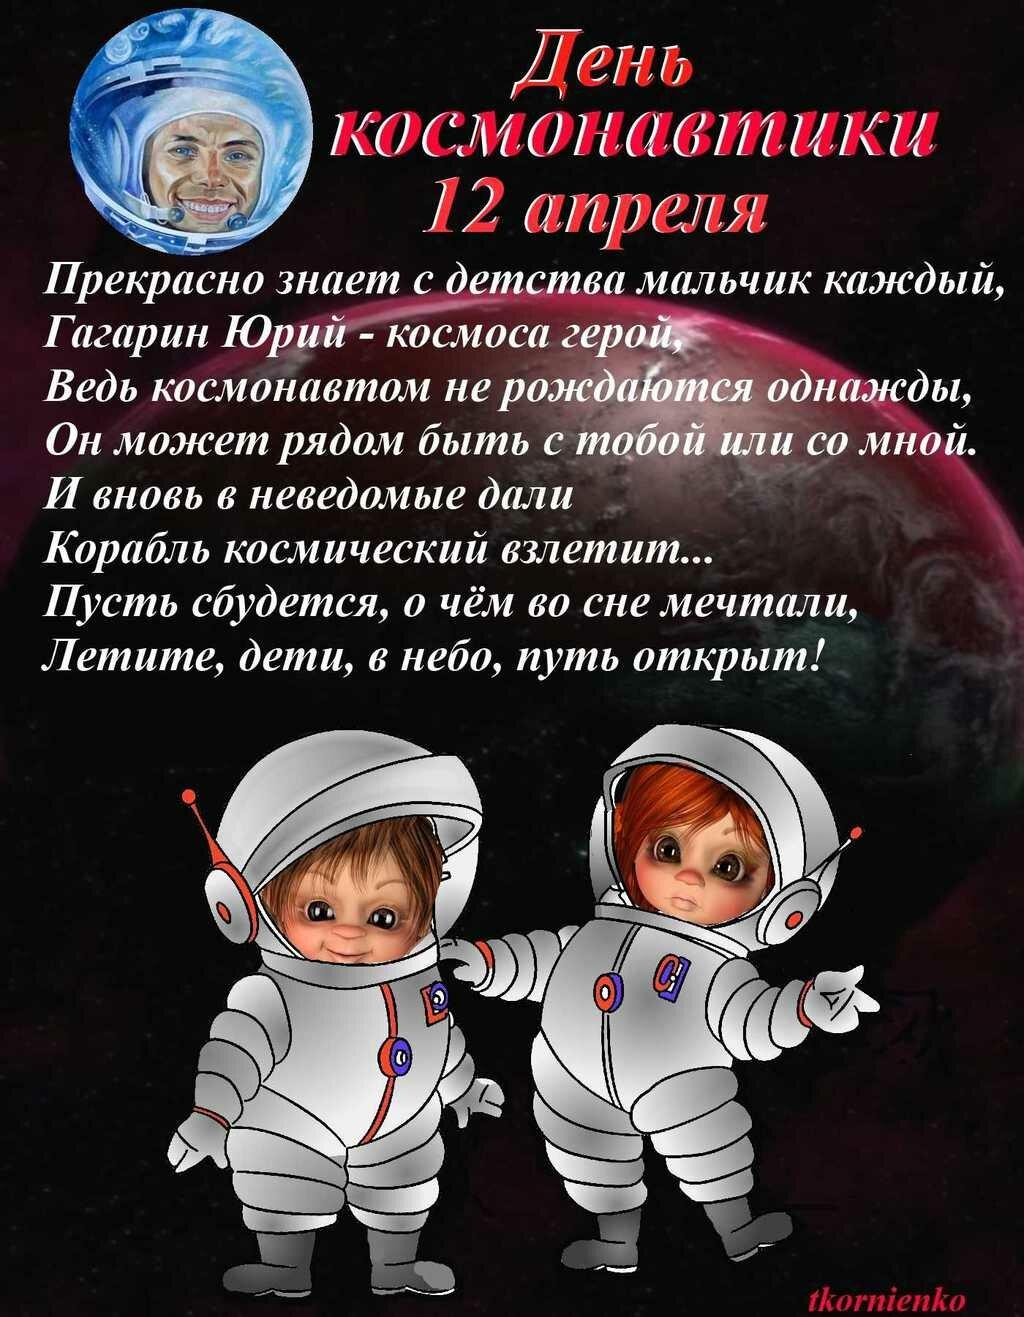 Поздравление с днем космонавтики детям